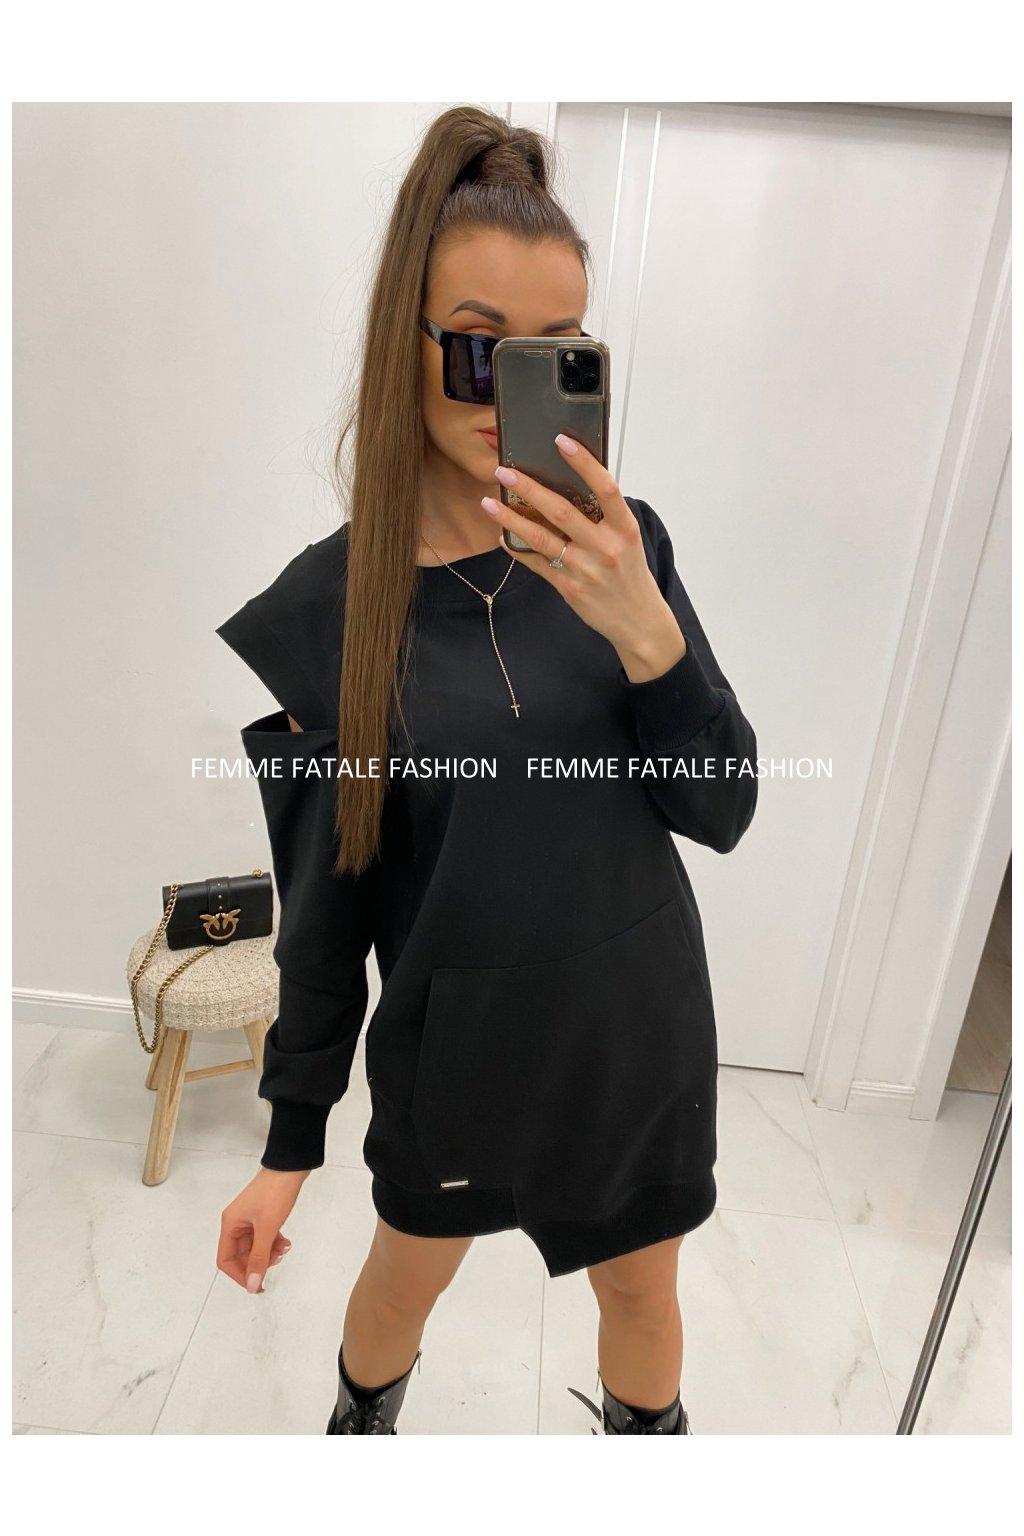 Dámské mikinové šaty SONJA femefatalefashion (6)